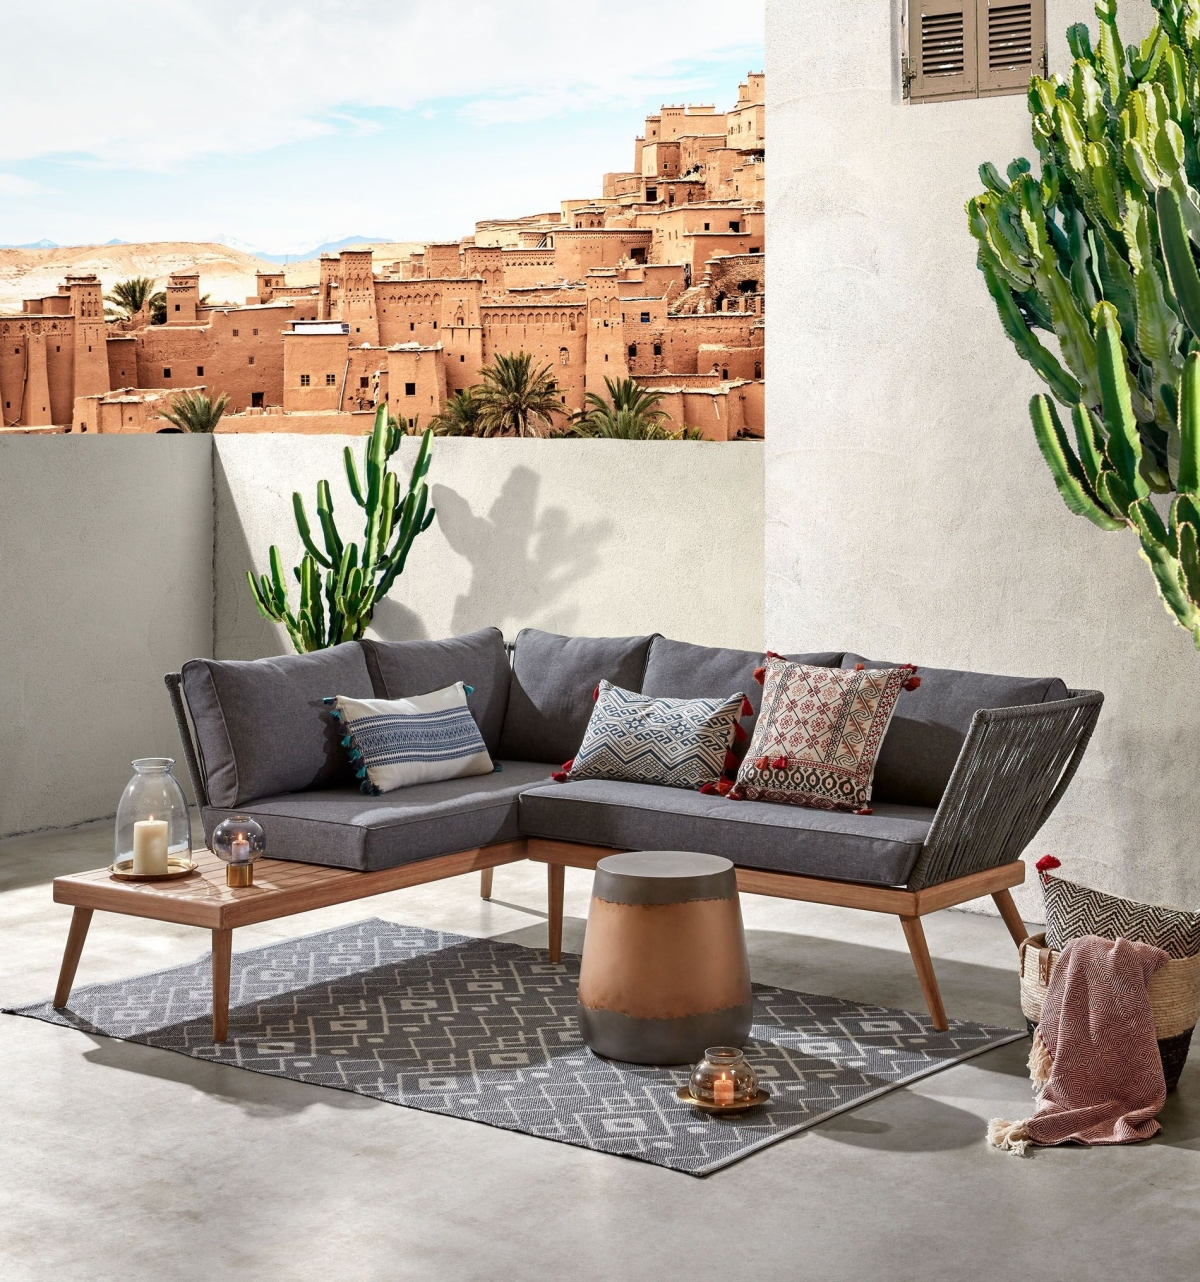 Роскошное оформление террасы комплектом мебели и аксессуаров в этно-стиле